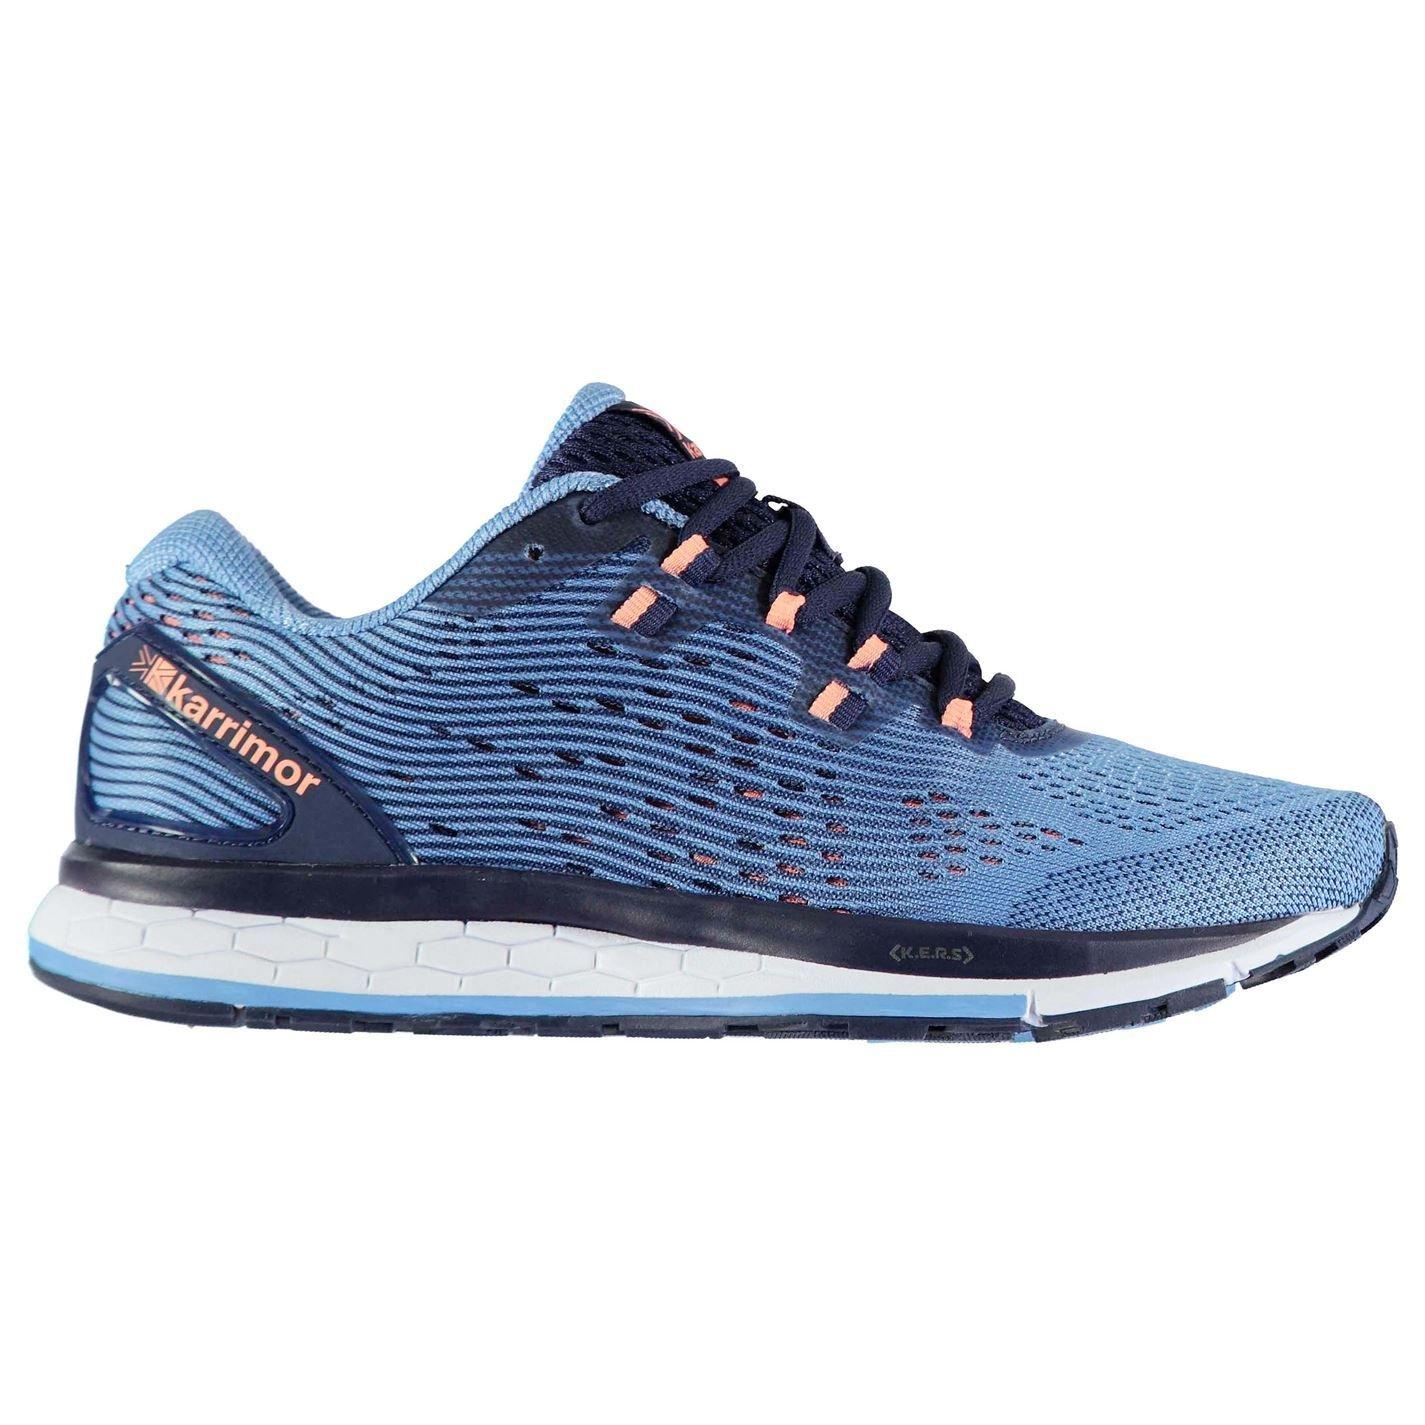 Officiel Chaussures Karrimor rapide prise en charge Chaussures de course à pied pour femme Bleu marine corail Jogging paniers paniers